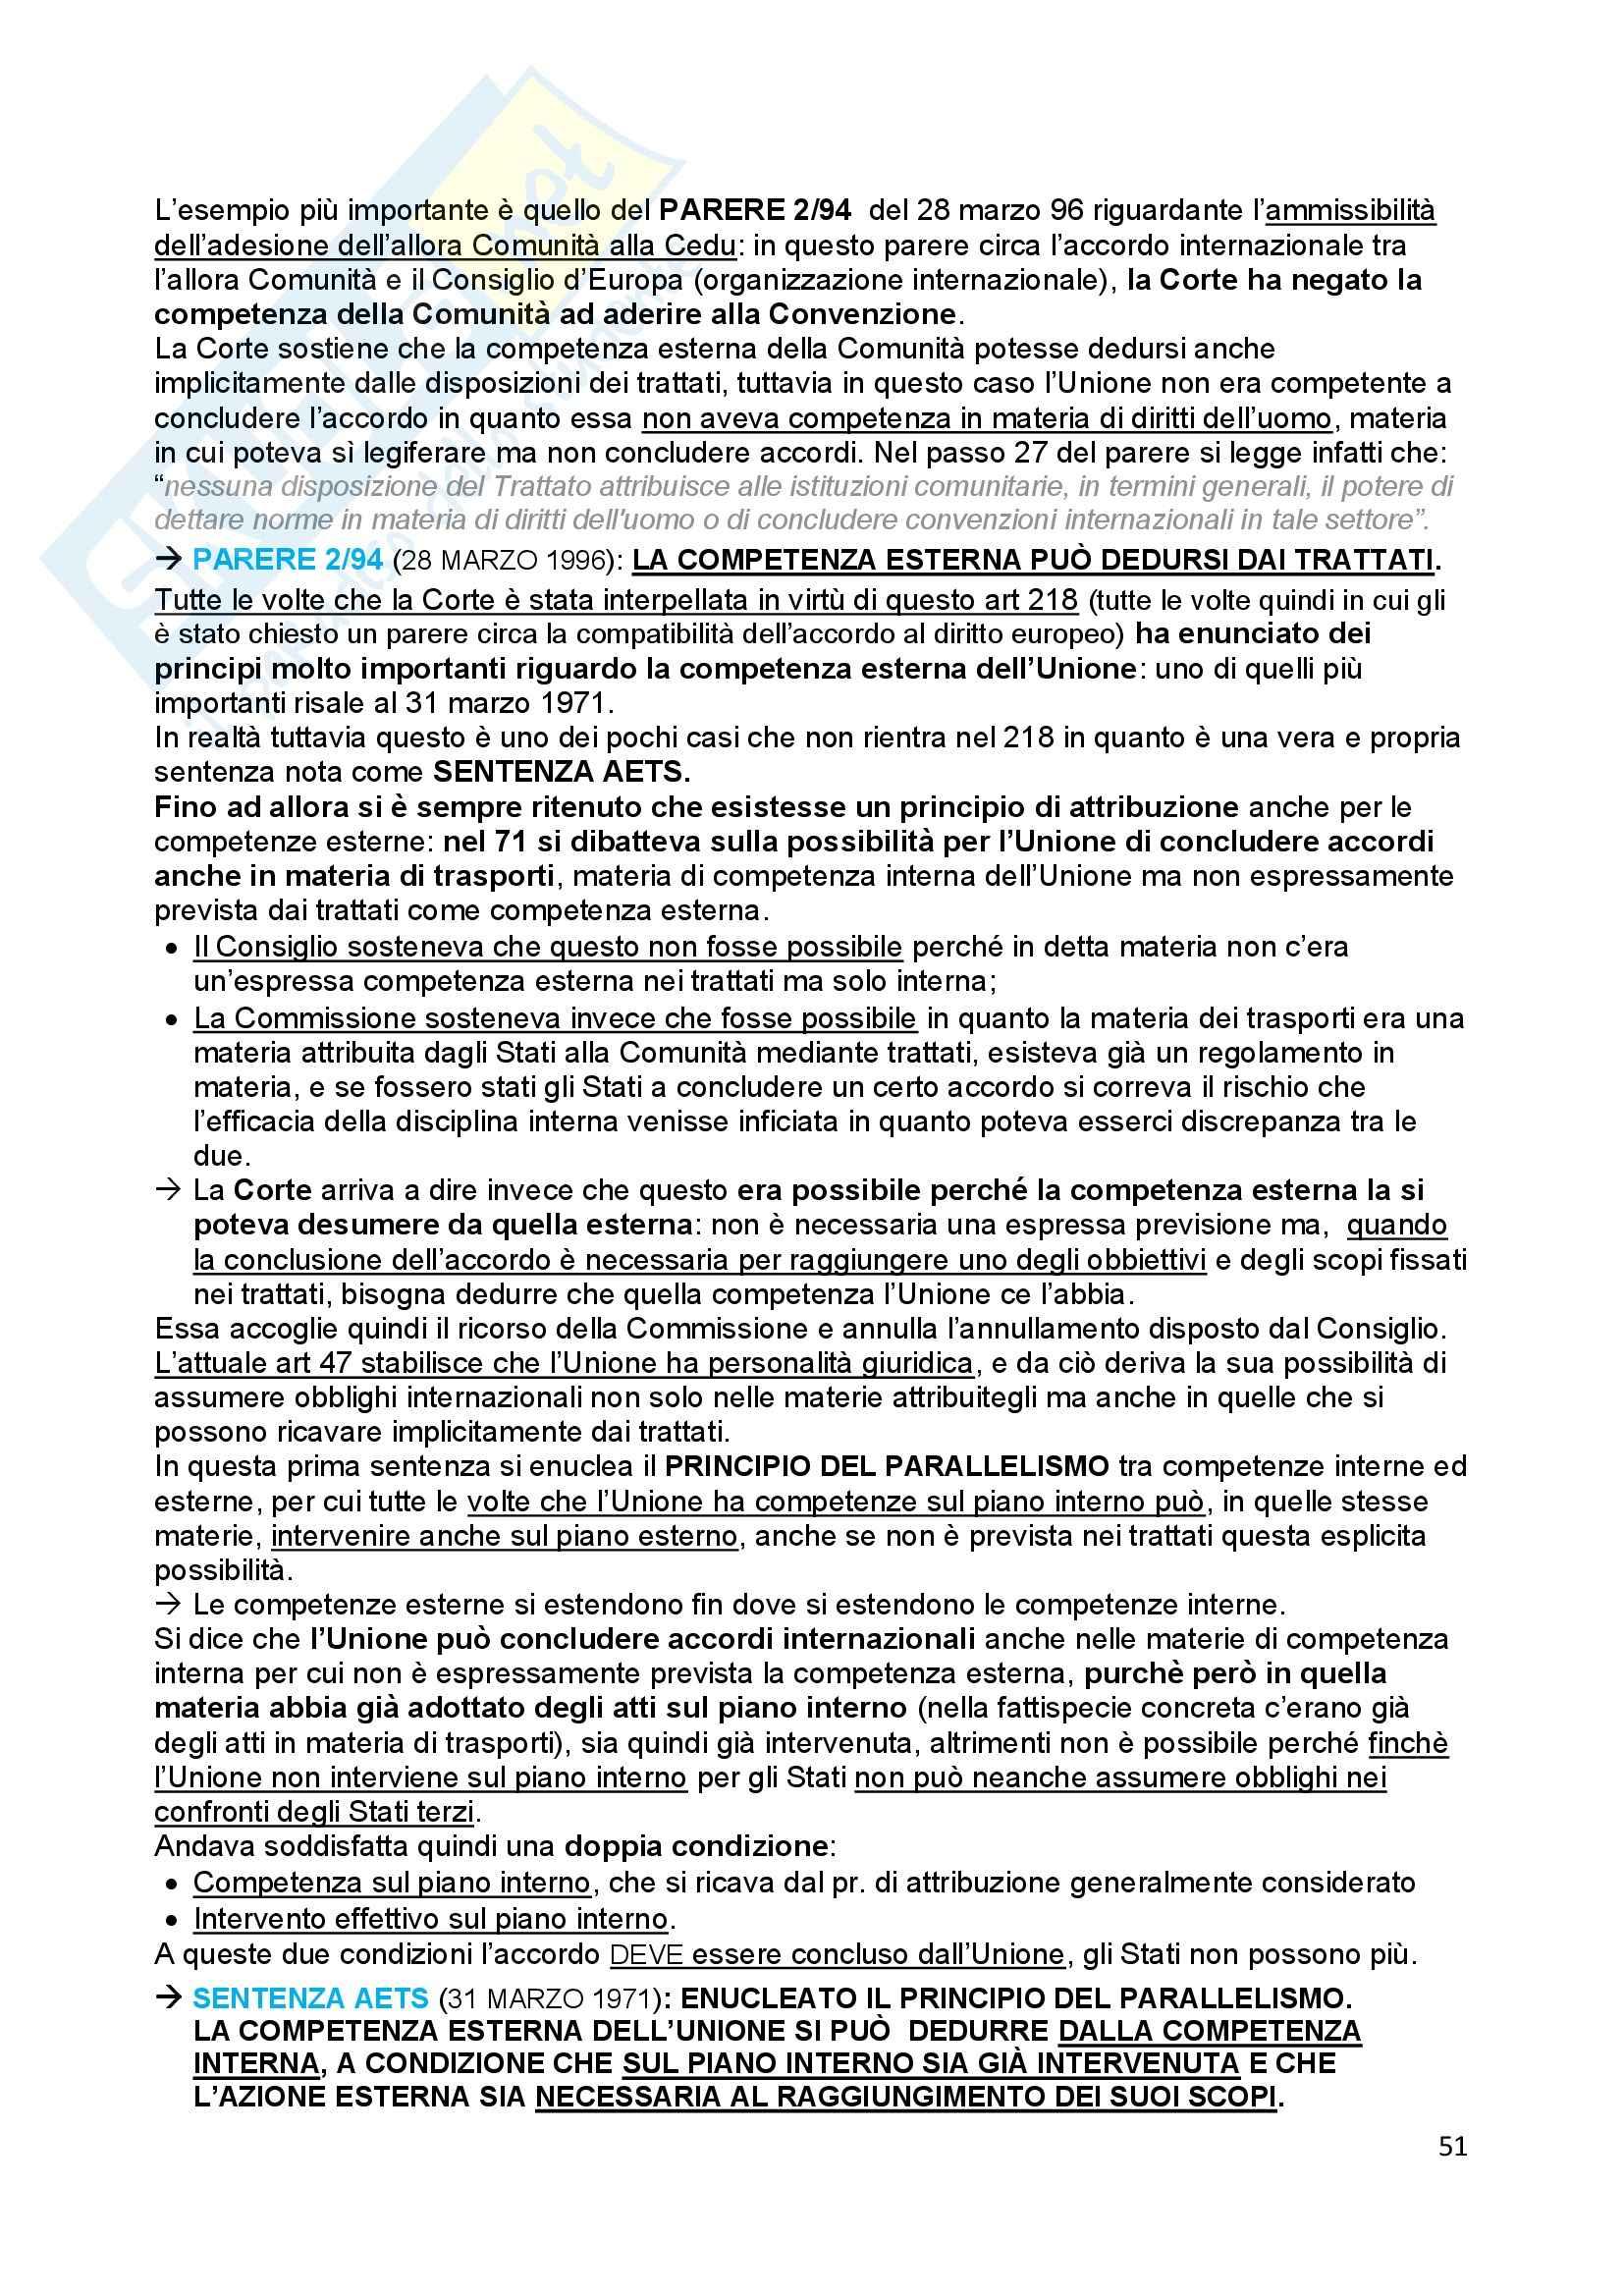 Riassunto esame Diritto dell'Unione Europea, prof. Baruffi, libro consigliato Tesauro Pag. 51